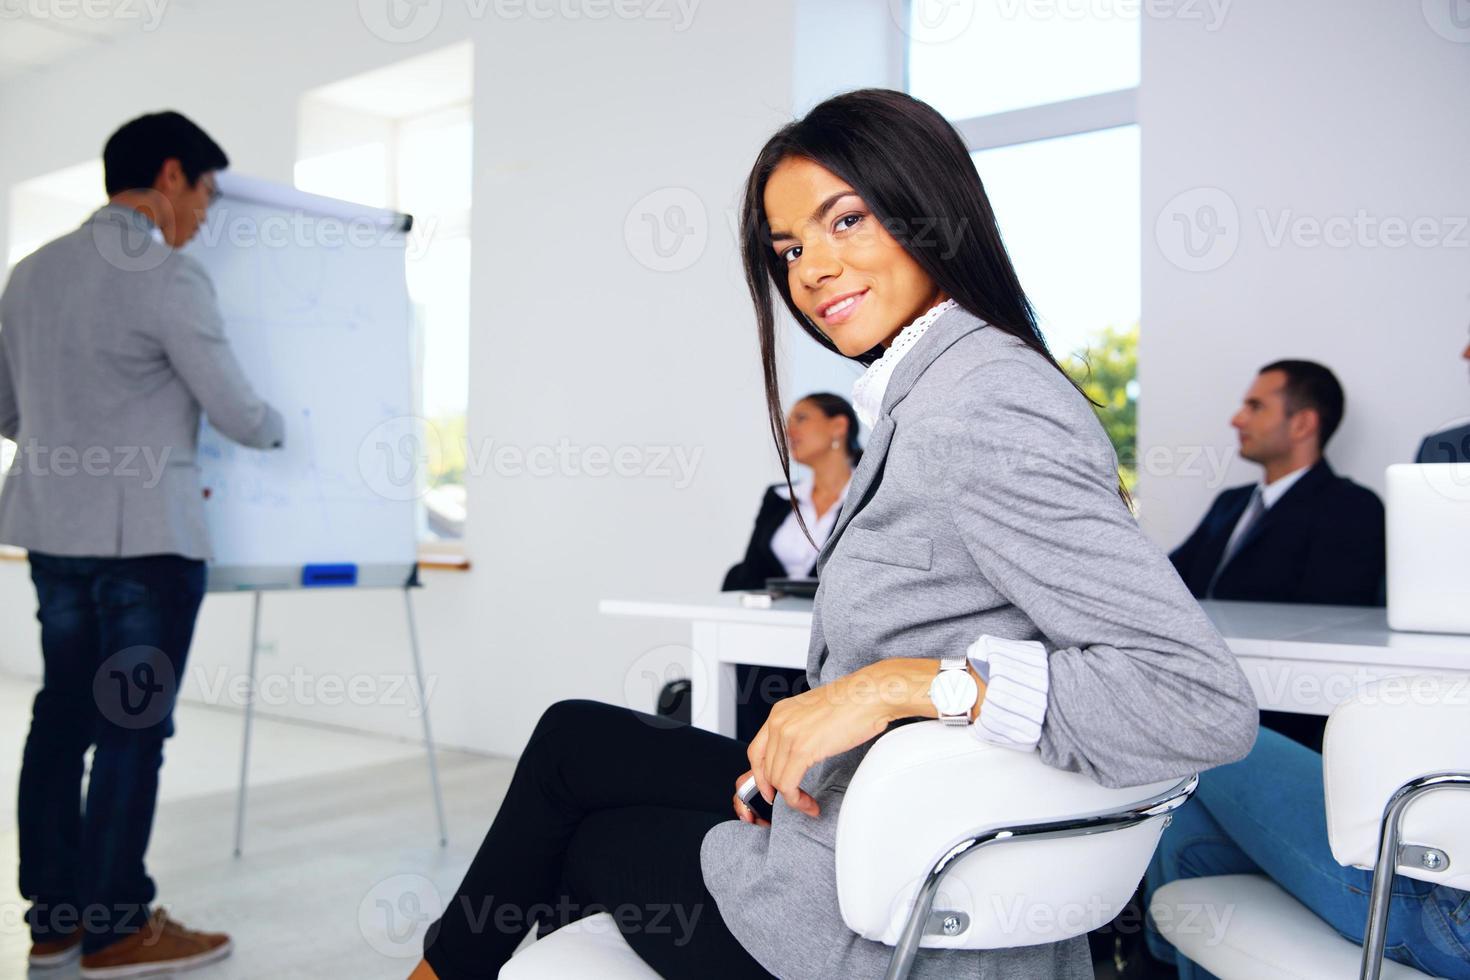 zakelijke vergadering. zakelijke bijeenkomst. foto